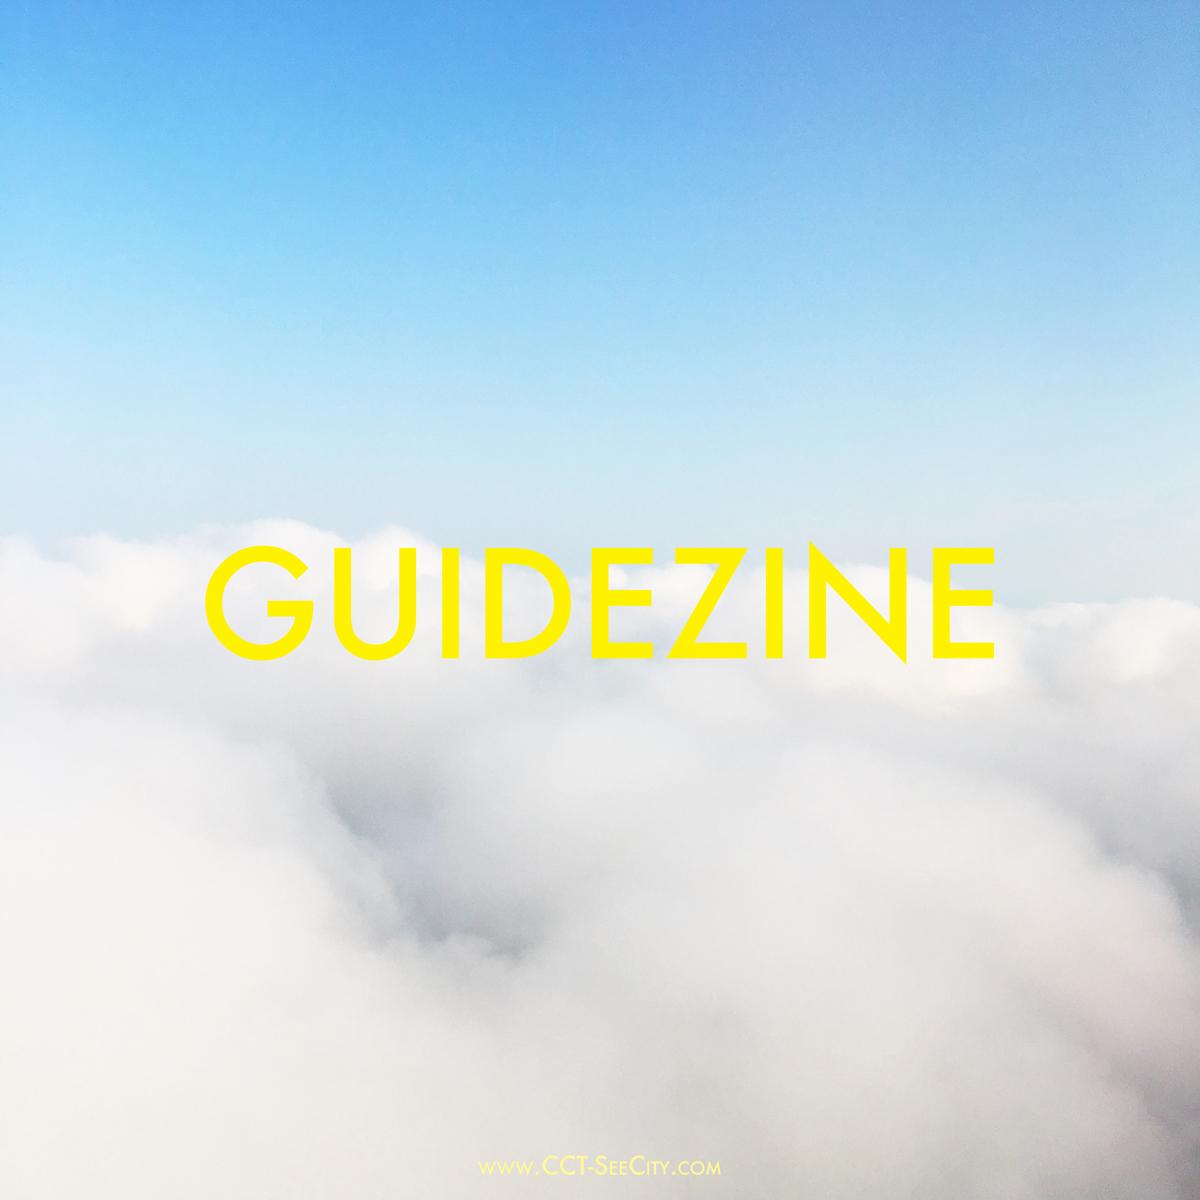 GUIDEZINE